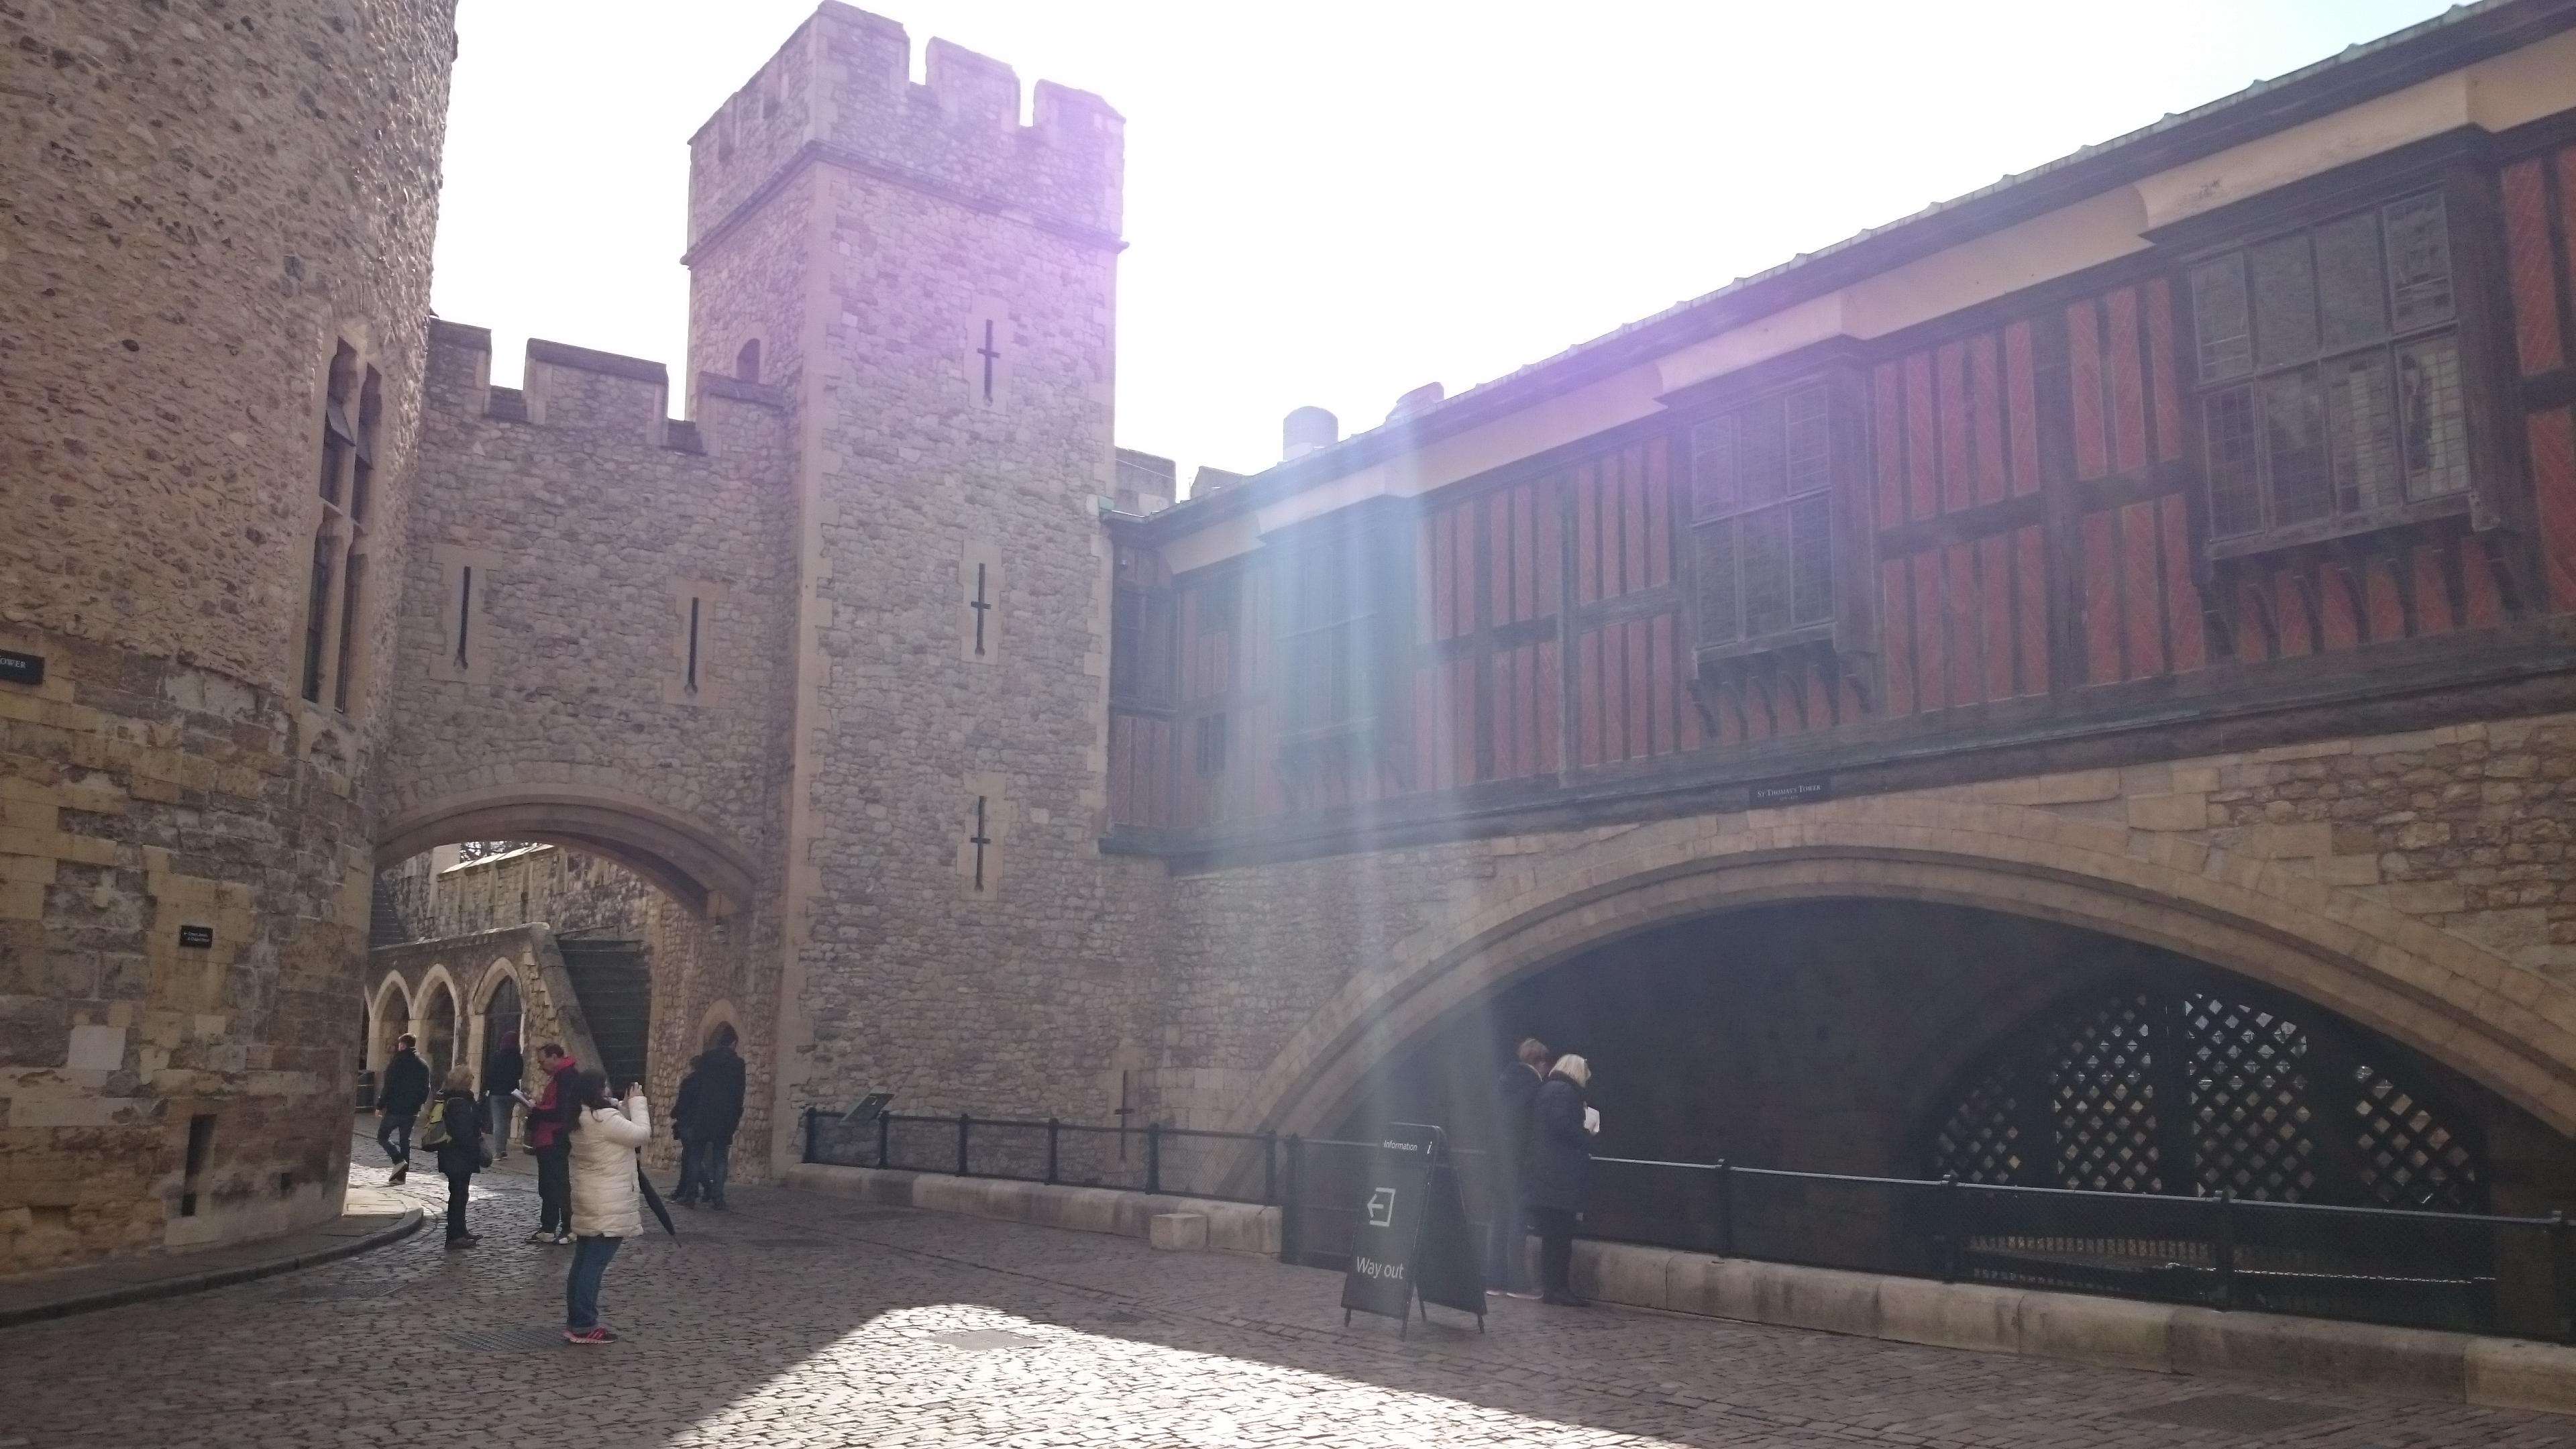 DSC 0597 - Visitando la Torre de Londres